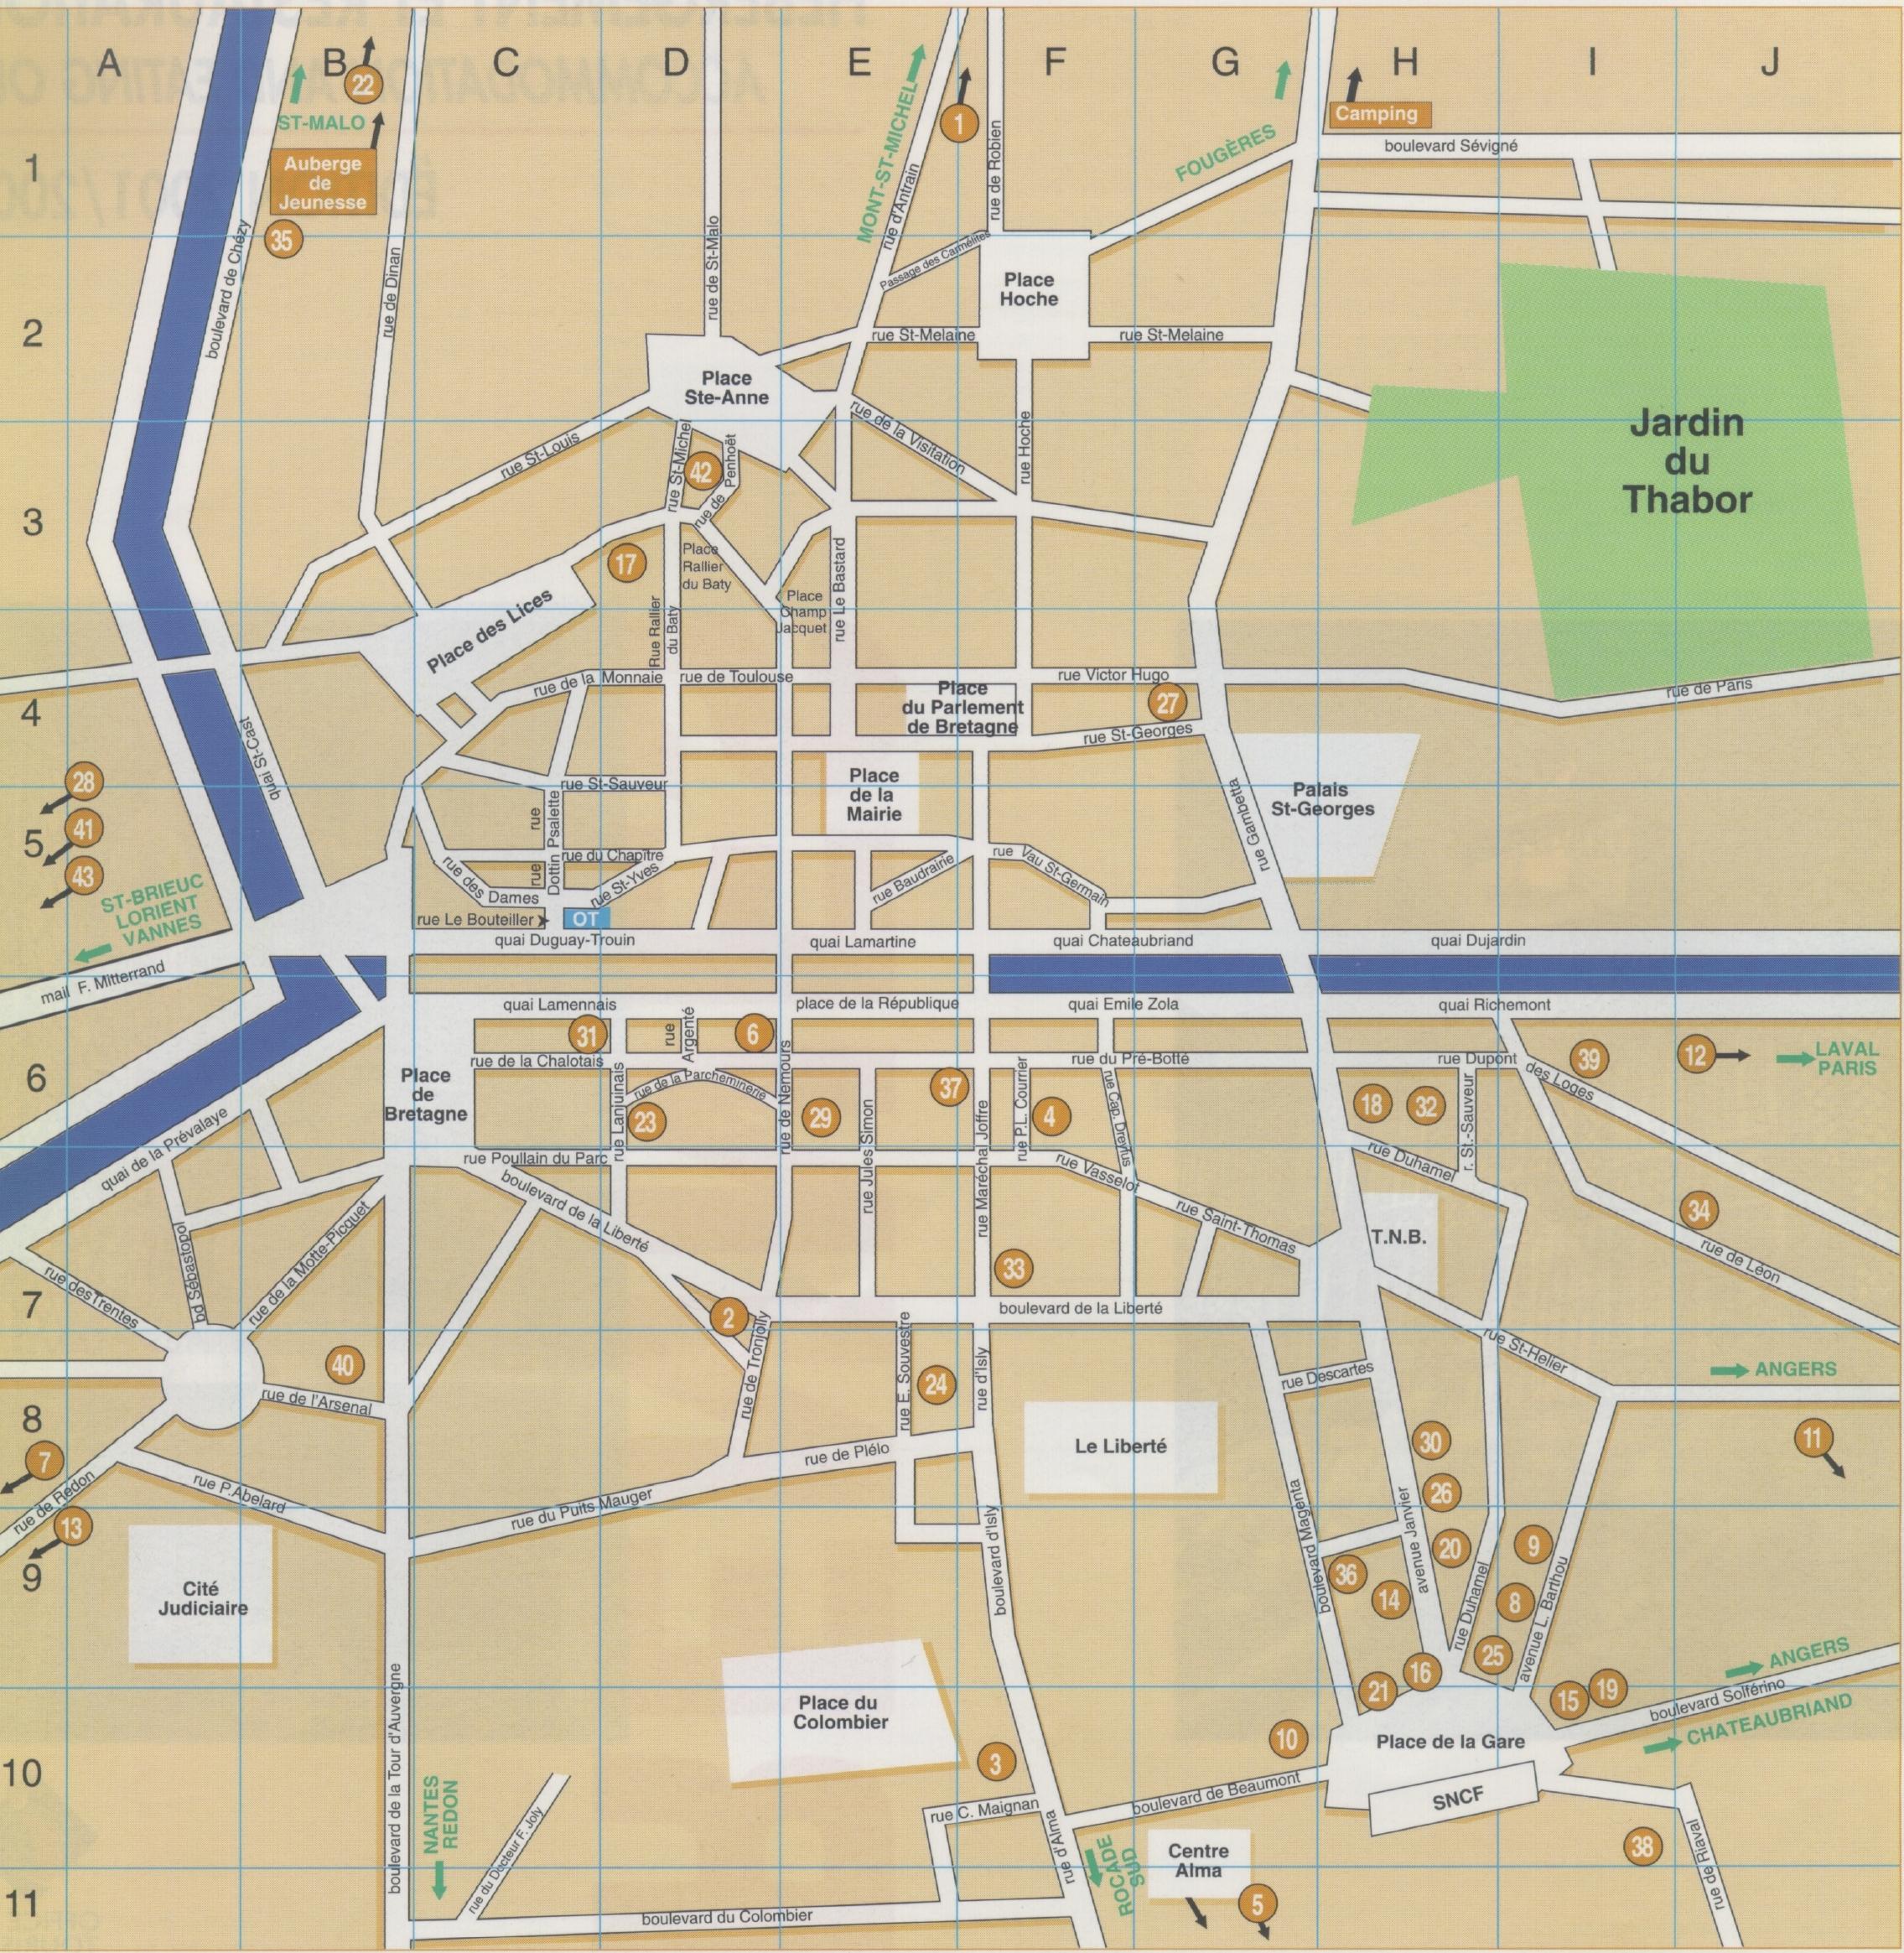 Rencontre Sexe Charleville Mezieres (08000), Trouves Ton Plan Cul Sur Gare Aux Coquines